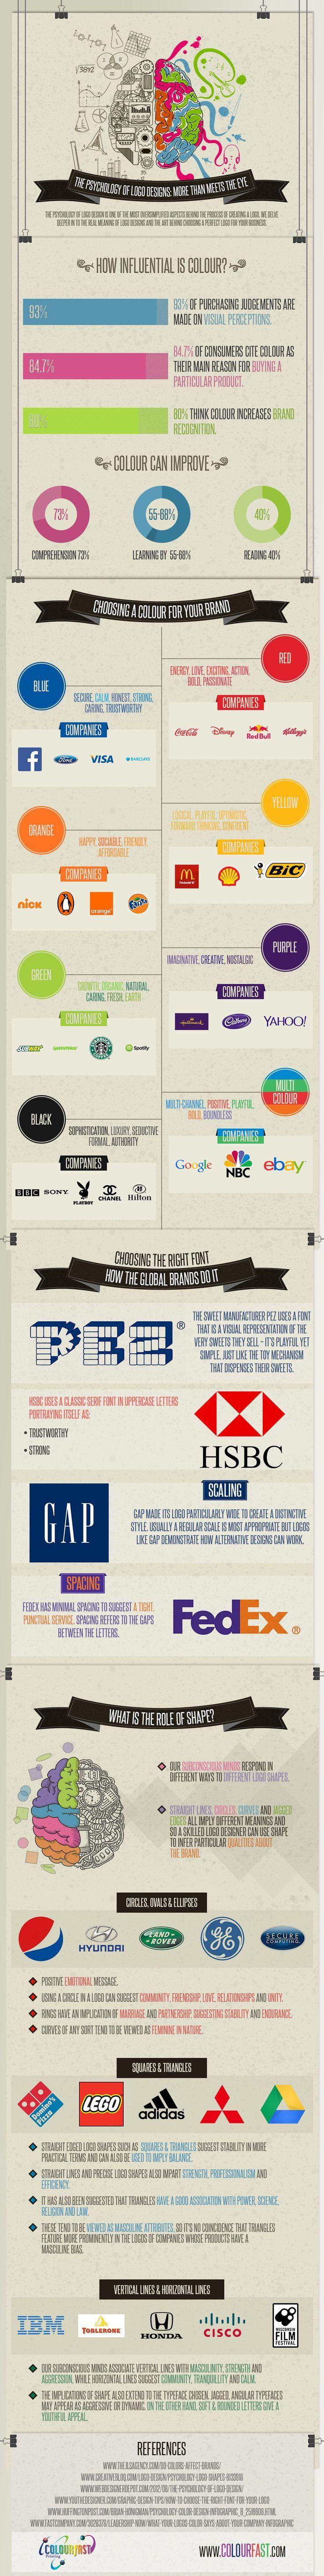 Logo Psychology: How Your Colour, Font & Shape Influences People